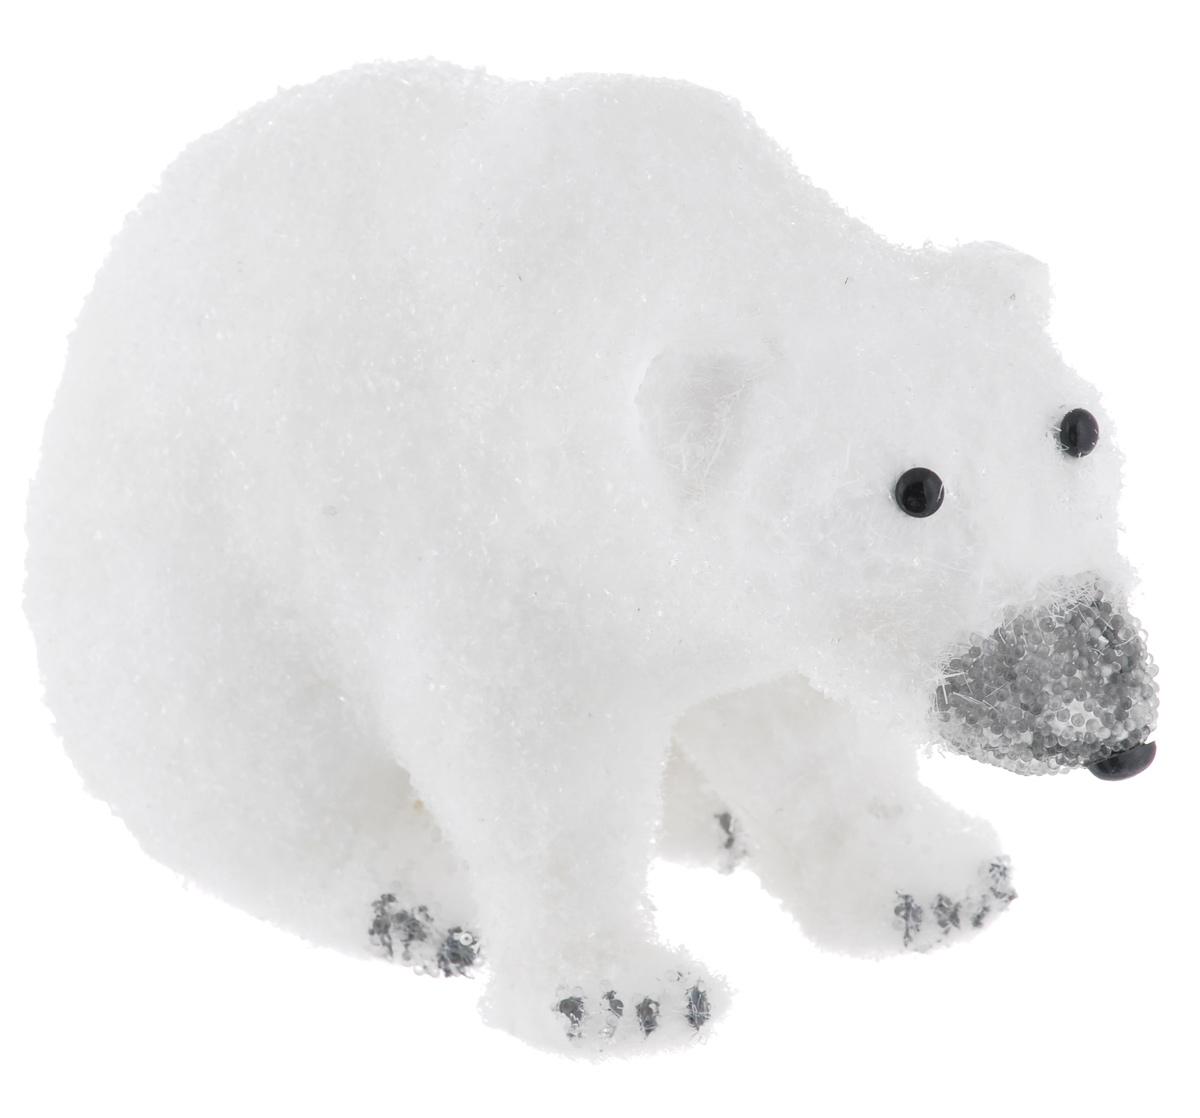 Фигурка декоративная Sima-land Медведь, 23 х 13 х 14 см538254Новогодняя декоративная фигурка Sima-land Медведь выполнена в виде медведяиз пенопласта и искусственного волокна, и оформлена пластиковой крошкой.Такая оригинальная фигурка подойдет для оформления новогоднего интерьера и принесет с собой атмосферу радости и веселья, а также станет замечательным подарком для друзей и близких.Материал: пенопласт, искусственное волокно, пластик.